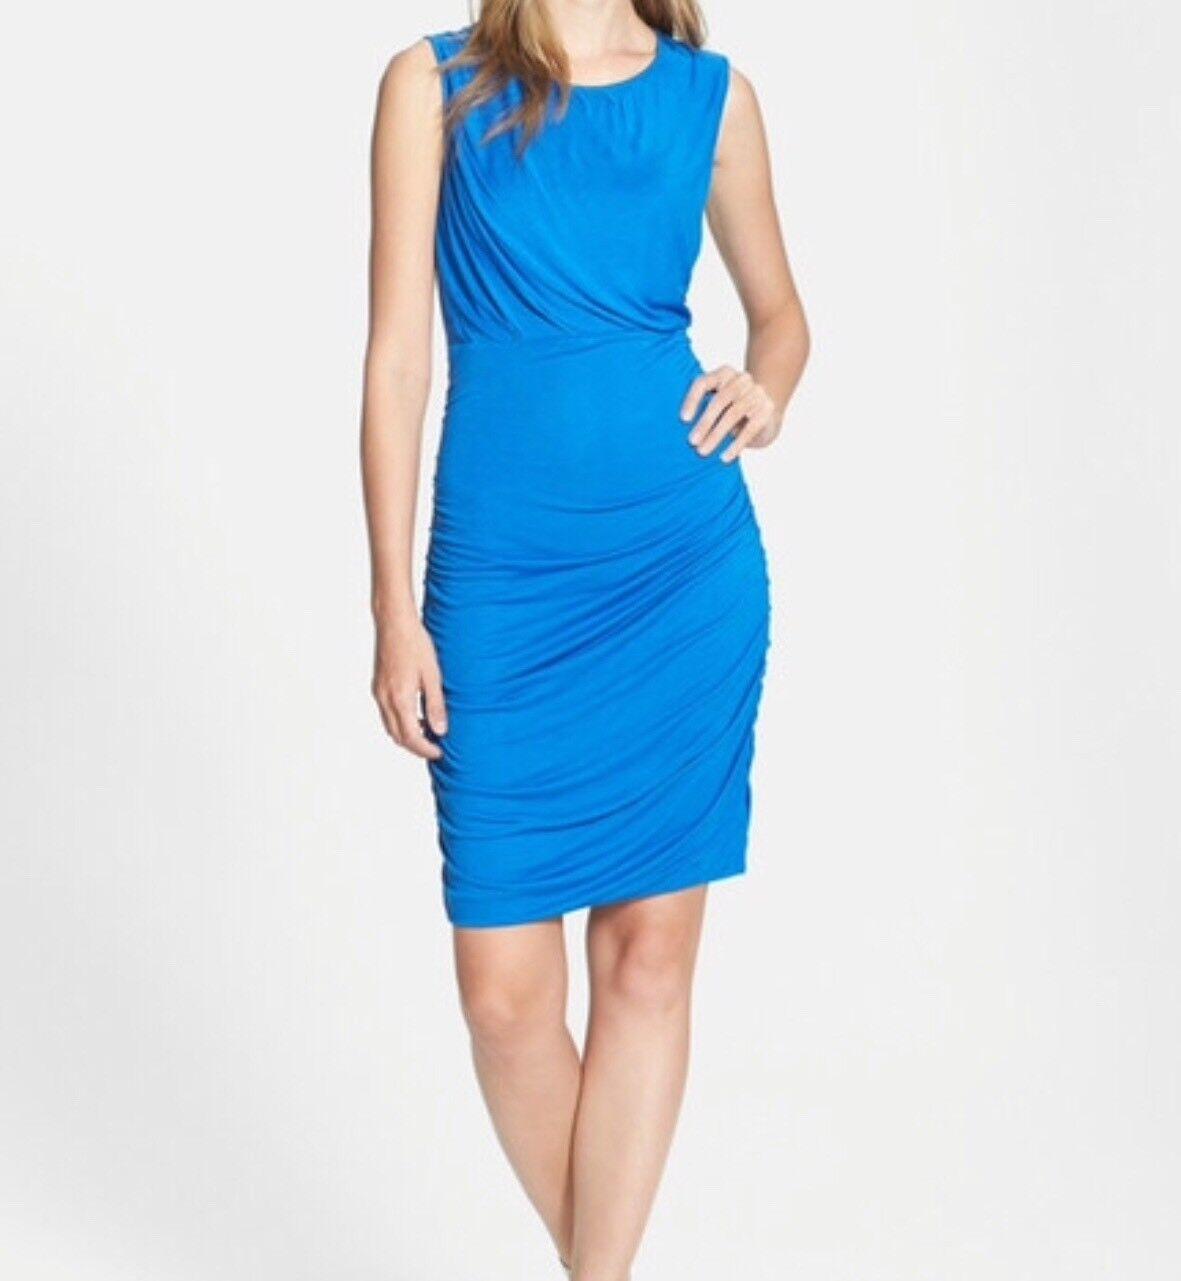 Diane von Furstenberg DVF Angelina Short-Sleeve Ruched Dress Dark Lapis Size S